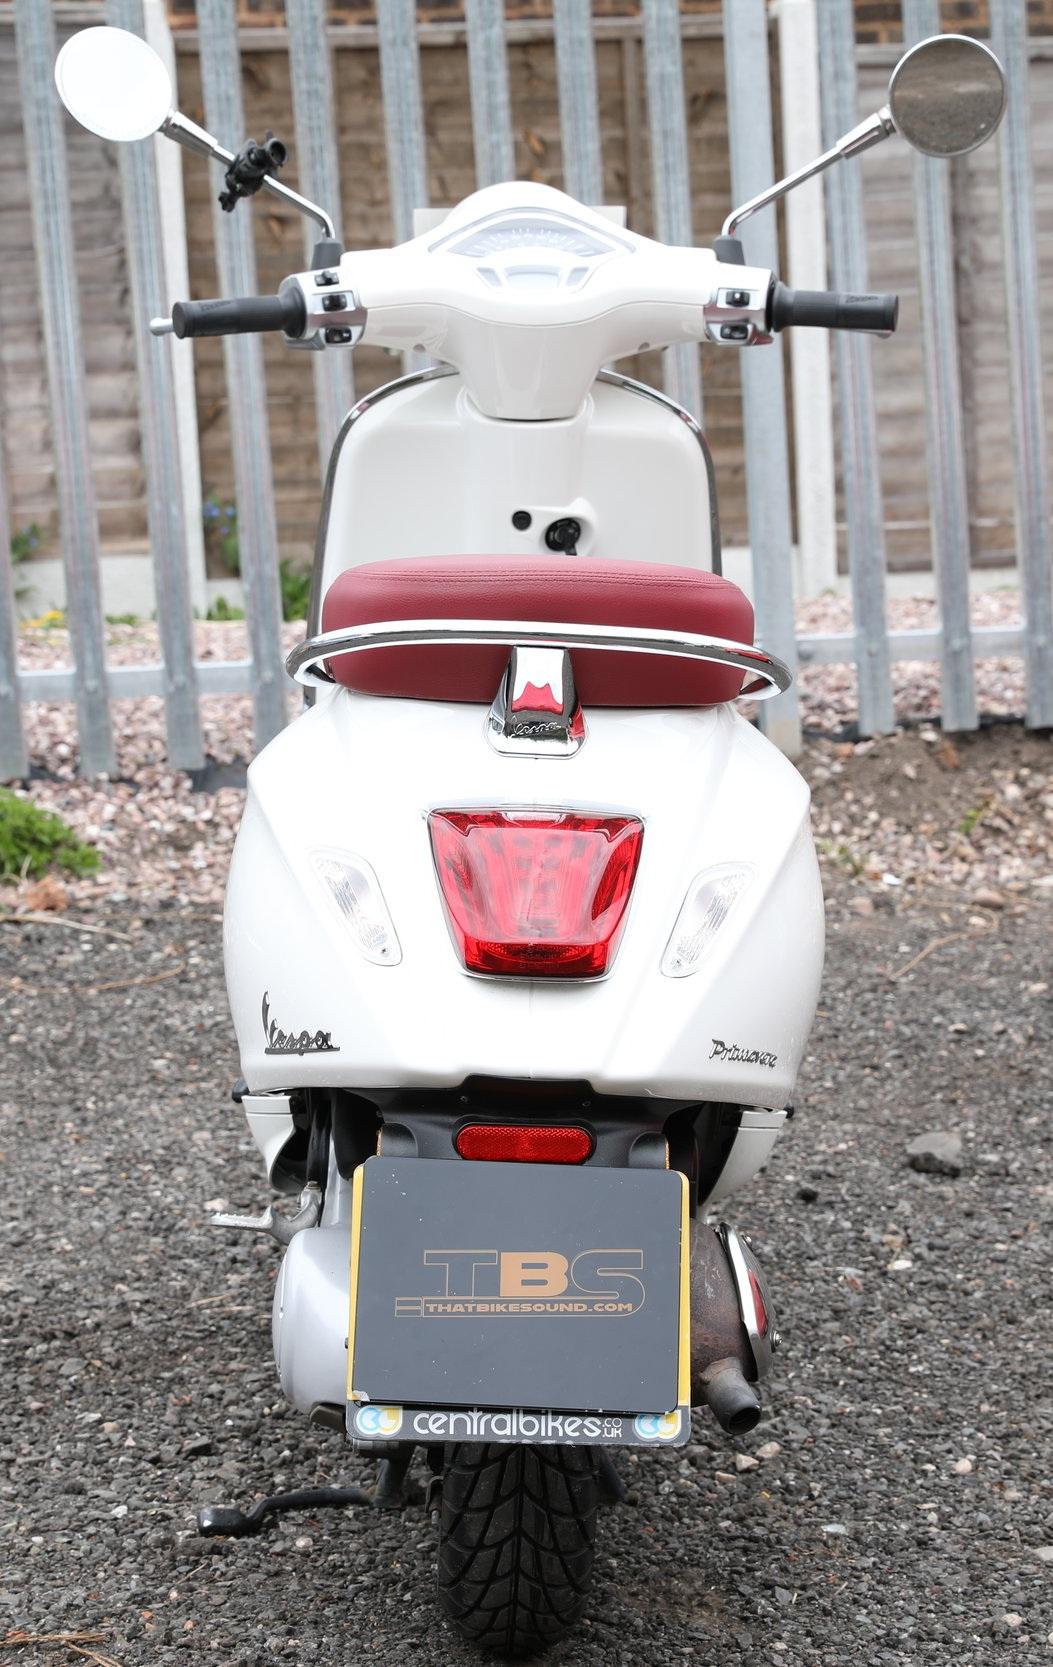 PIAGGIO VESPA PRIMAVERA 50cc (2016-ON)